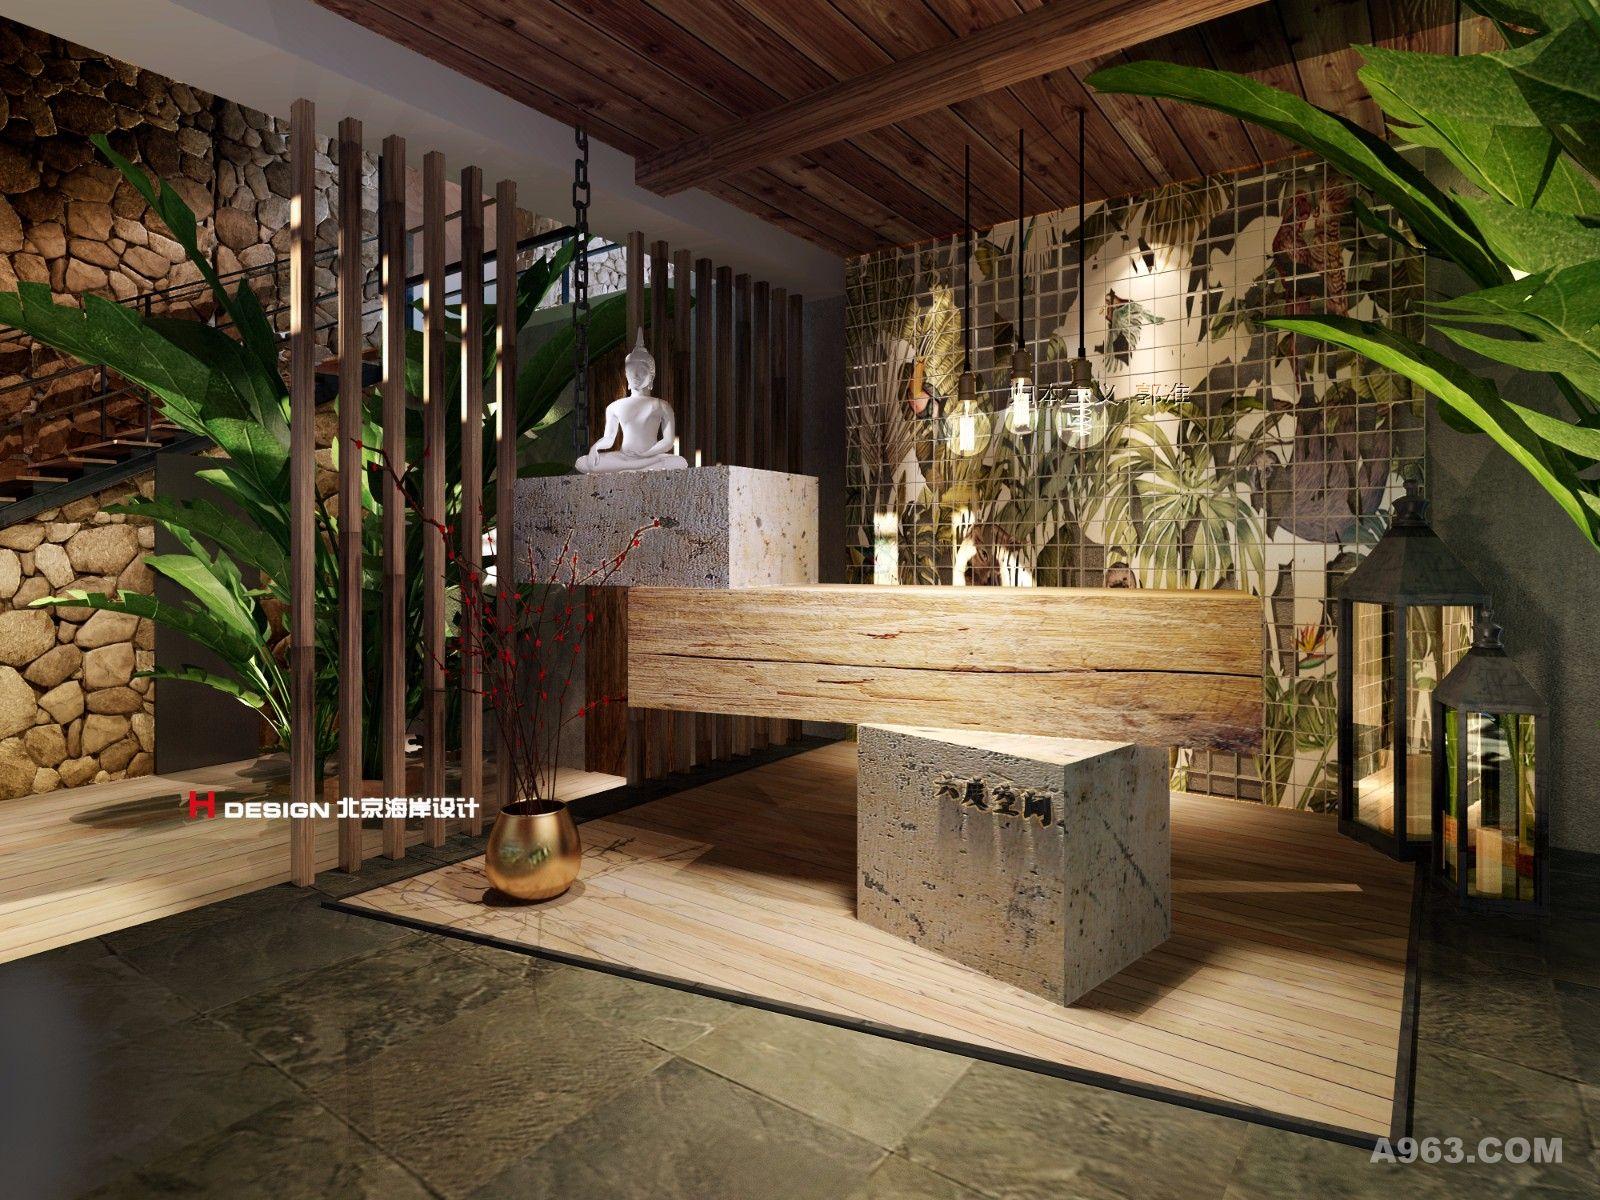 云南西双版纳六度别院民宿设计方案 - 室内设计 - 第5